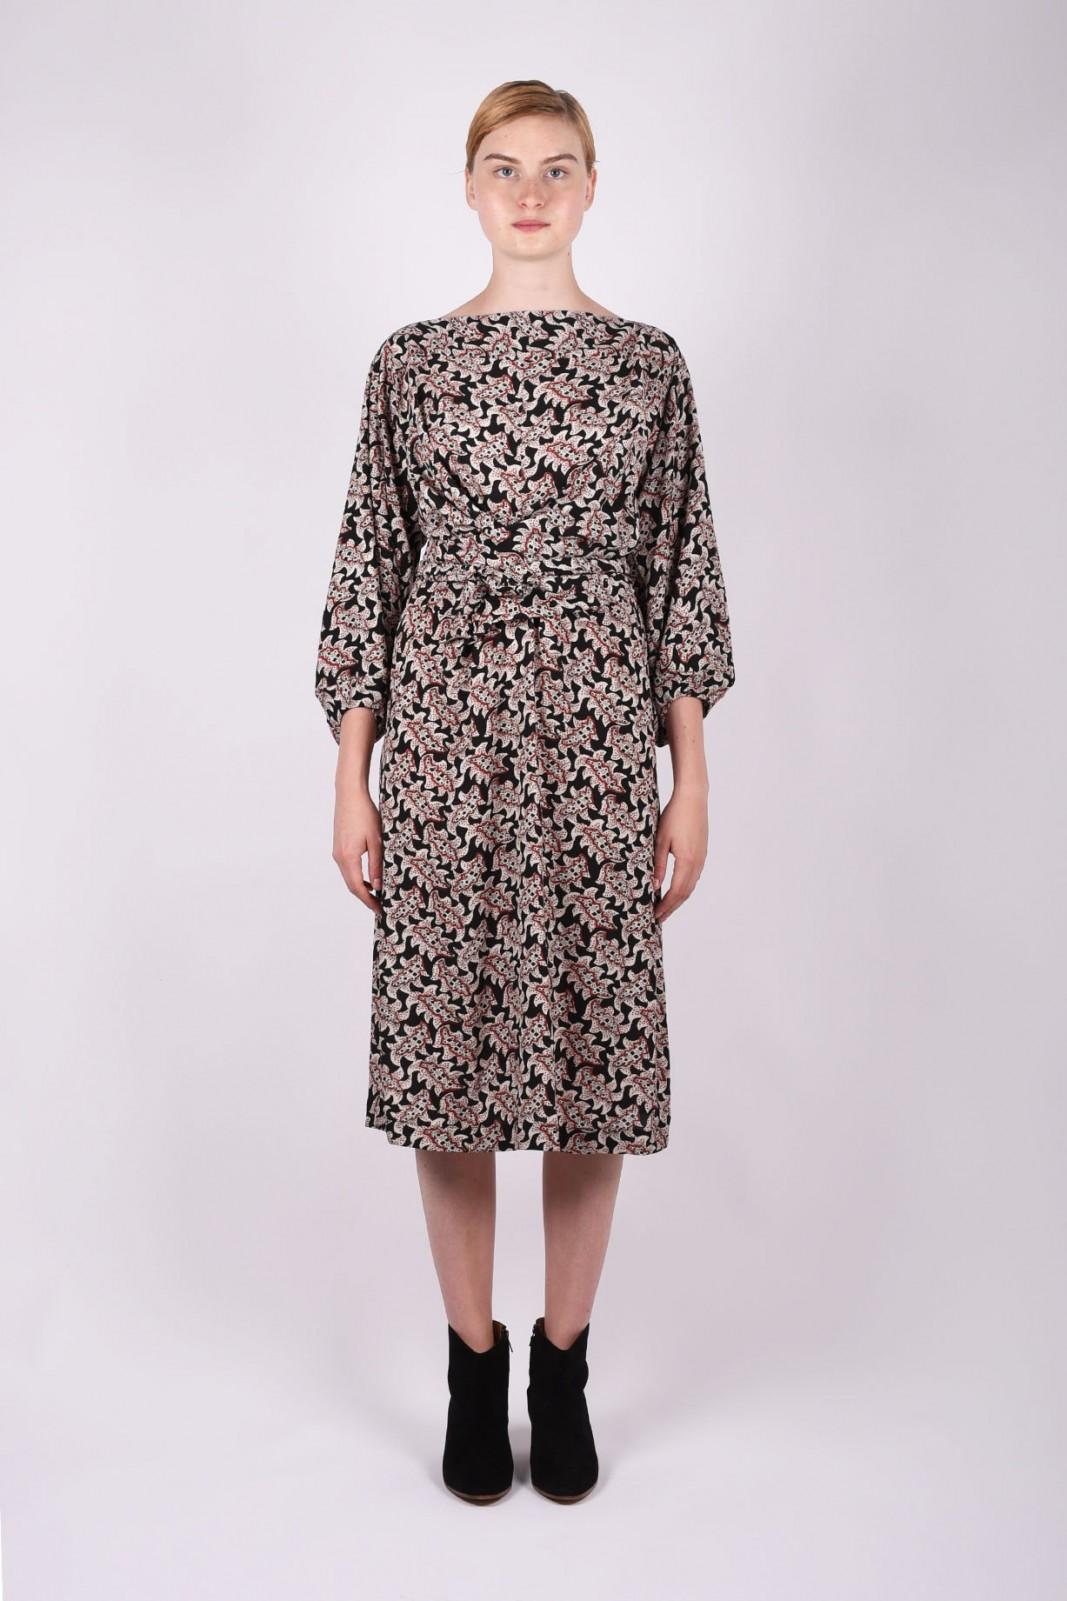 ISABEL MARANT ÉTOILE Lisa printed dress